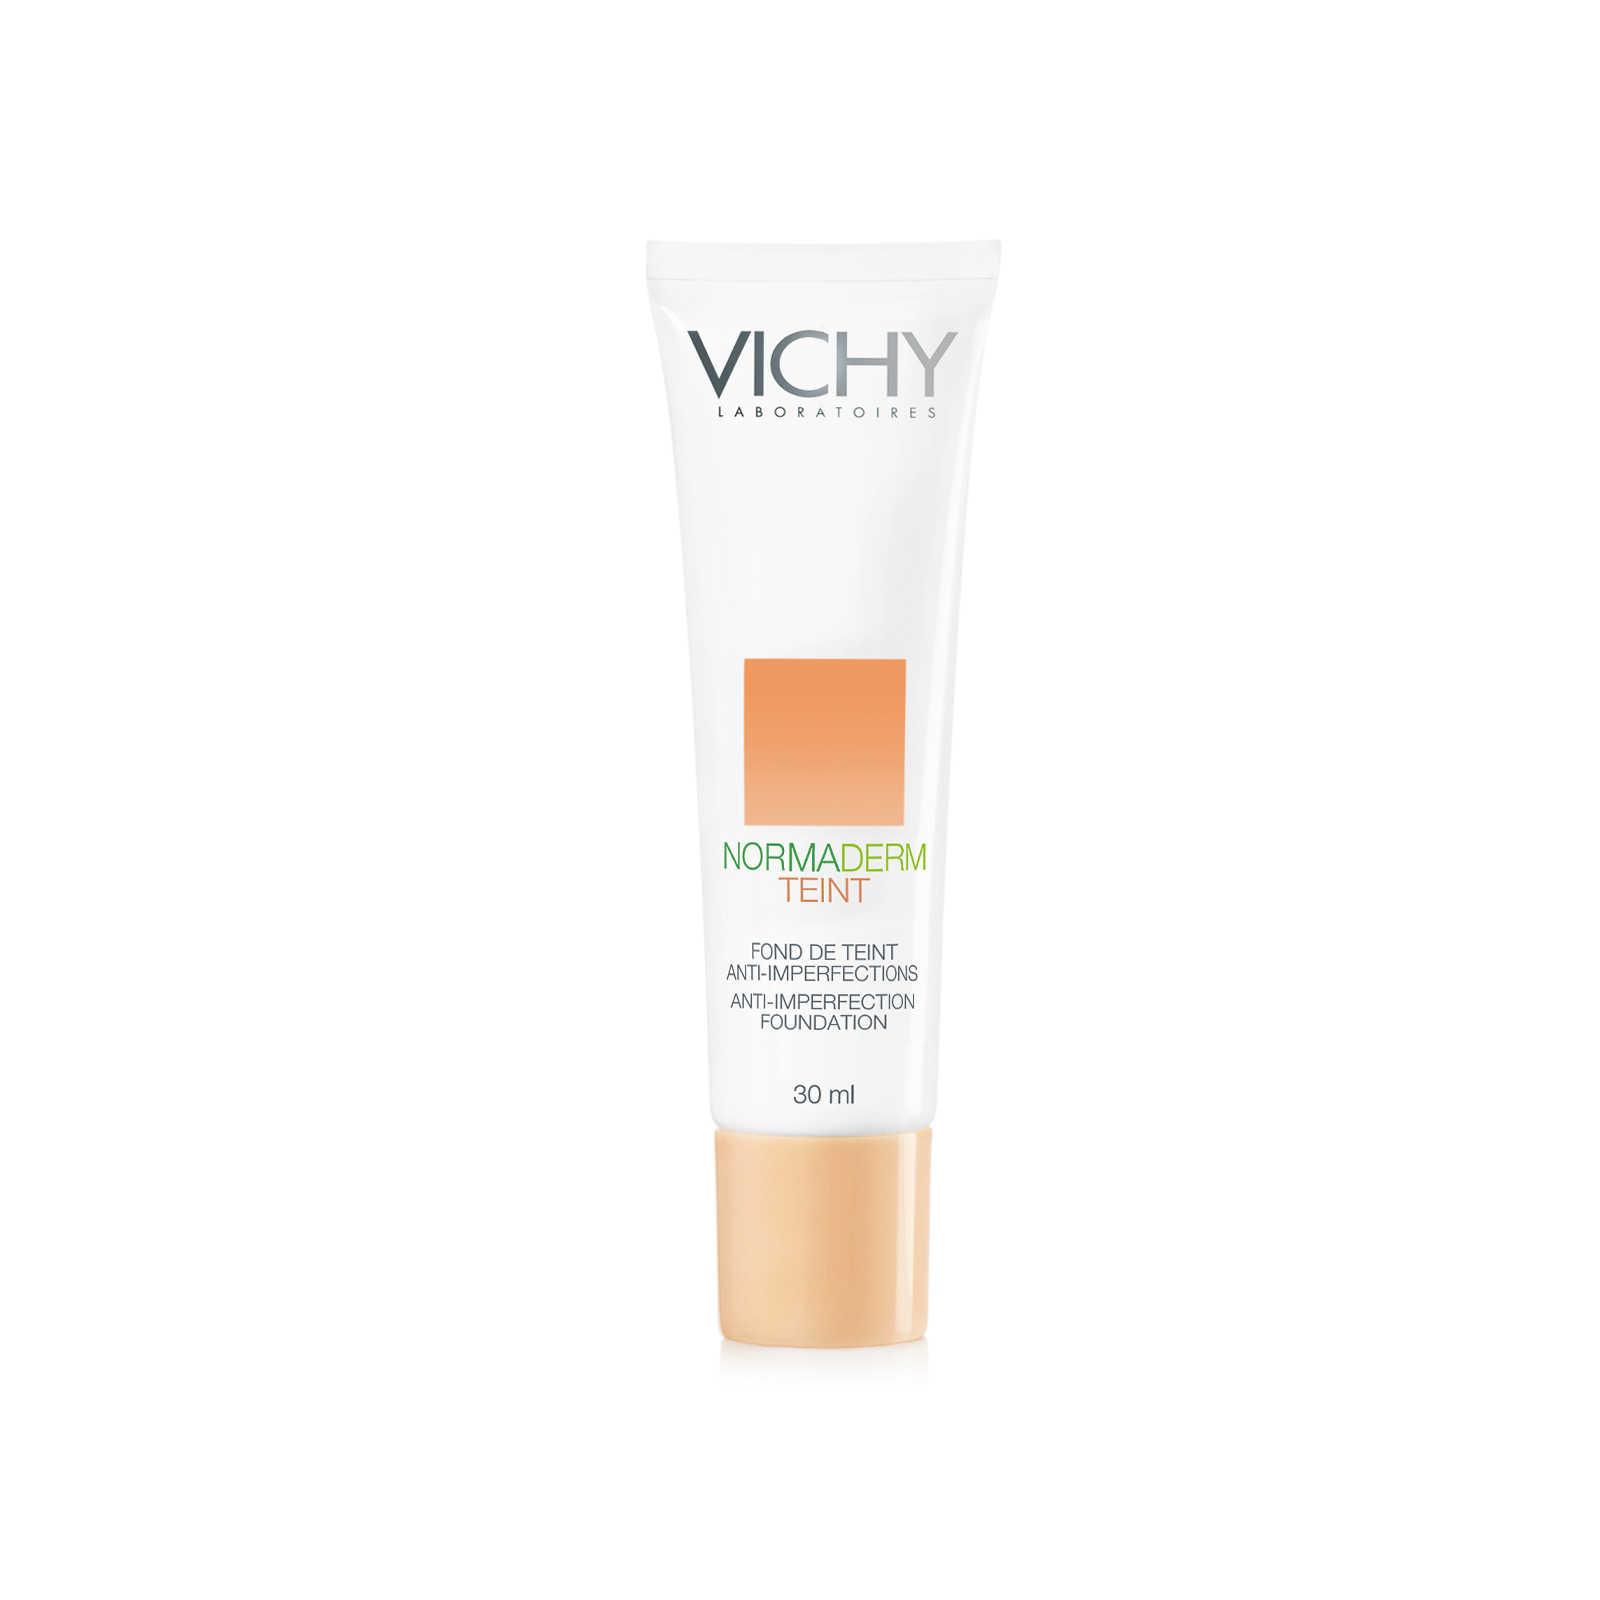 Vichy - Normaderm Teint - 45 Gold - Fondotinta Anti-imperfezioni